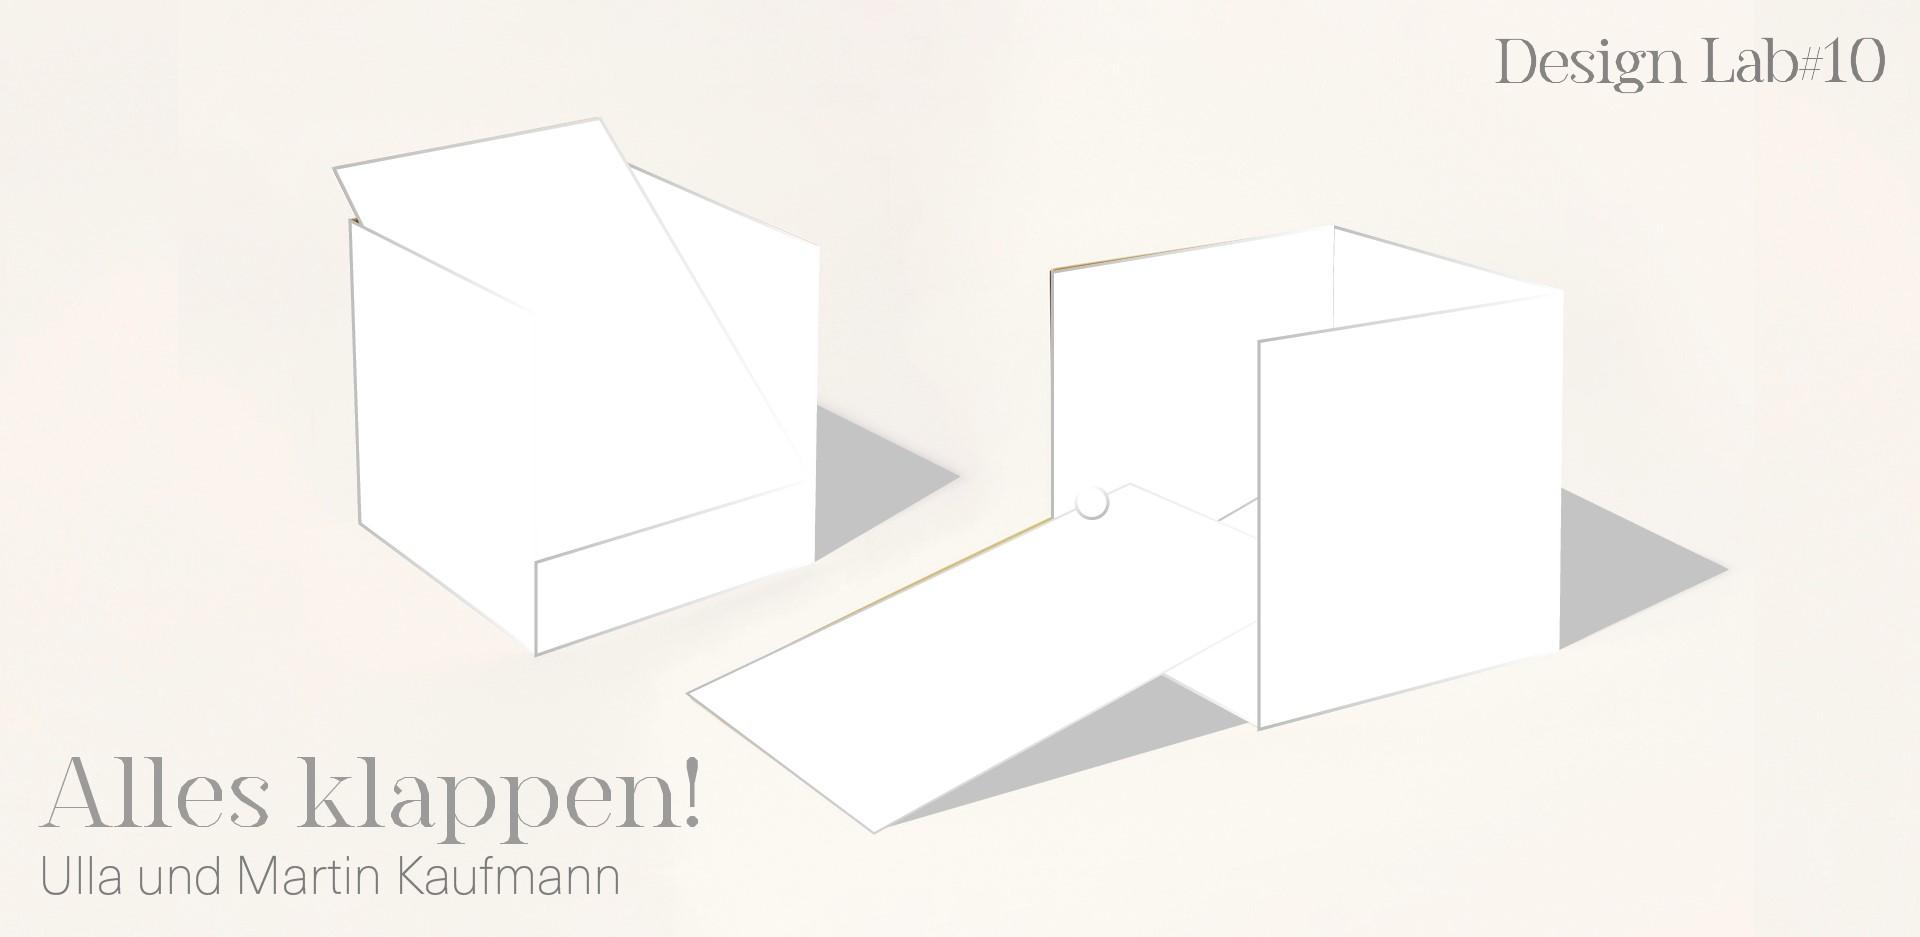 Ausstellungsgrafik Design Lab #10 Alles klappen! Ulla und Martin Kaufmann